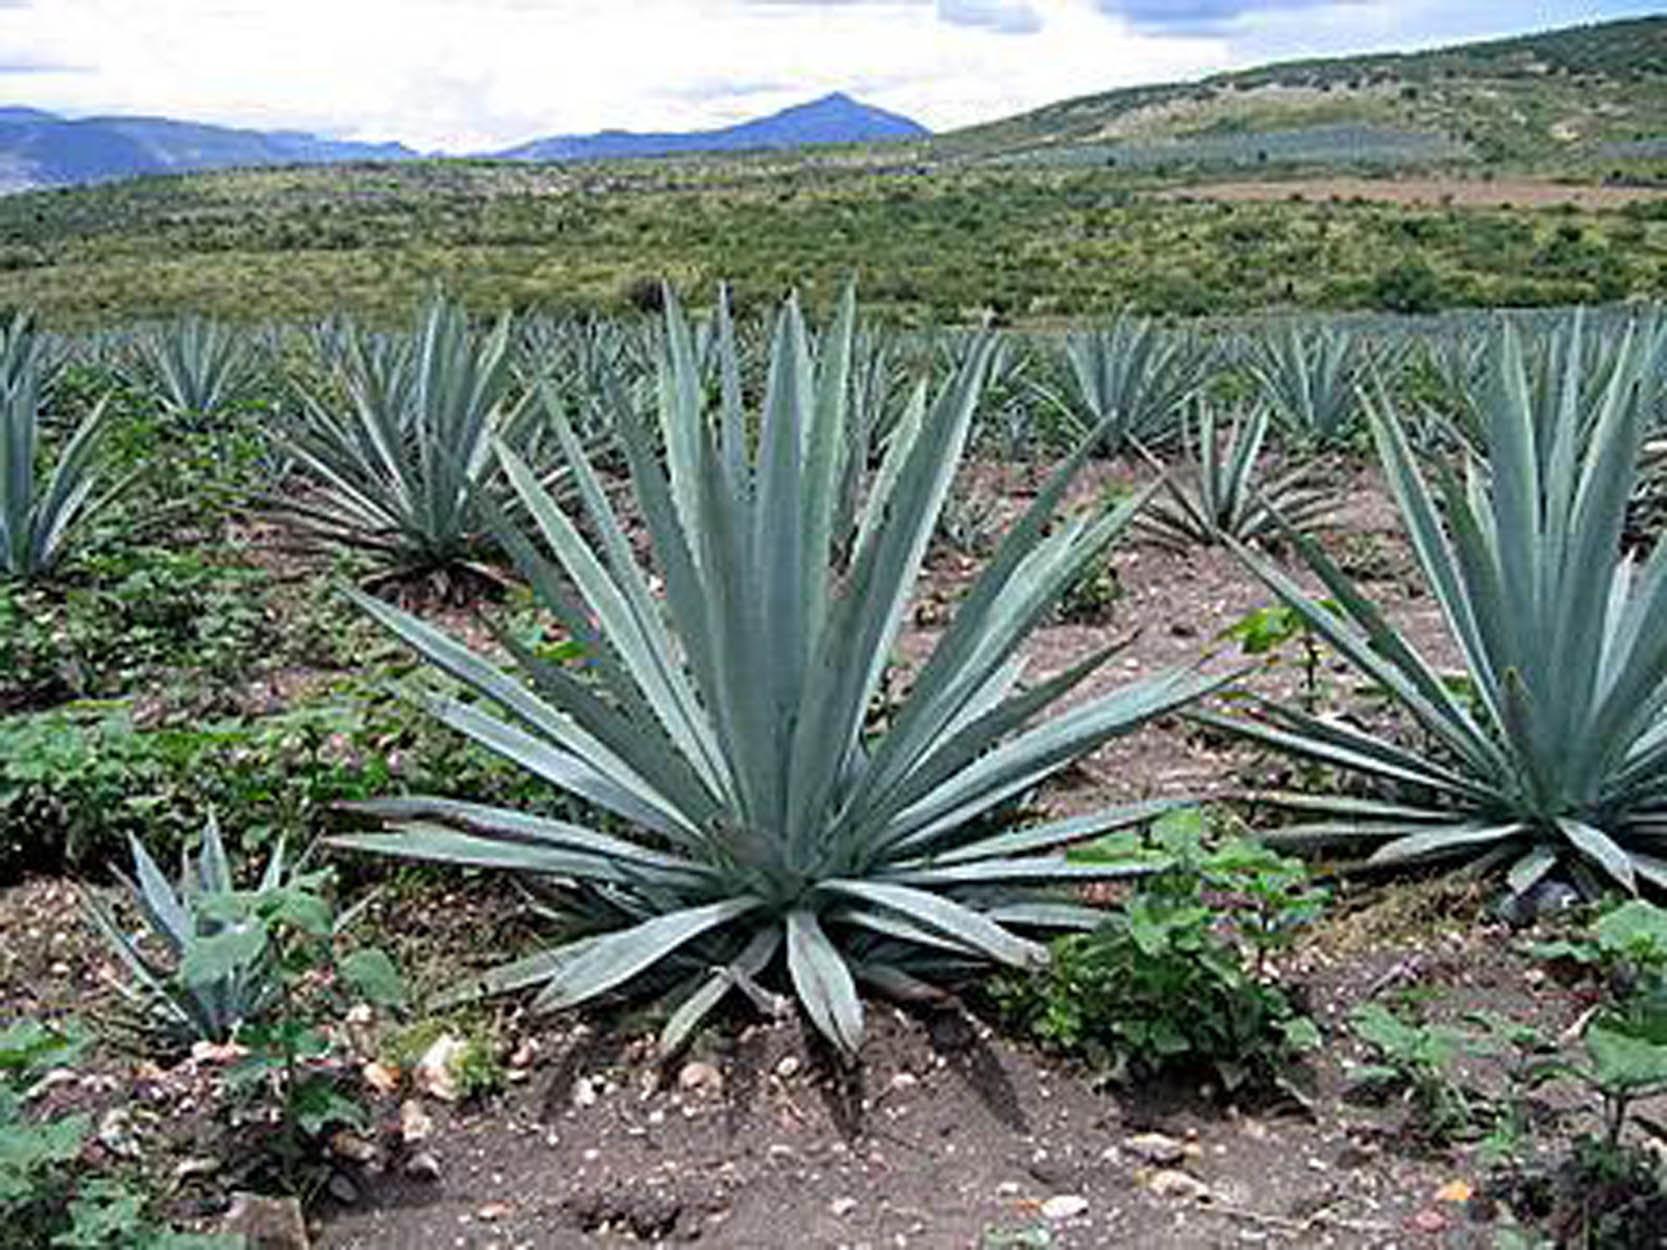 Resultado de imagen para agaves en mexico para tequila